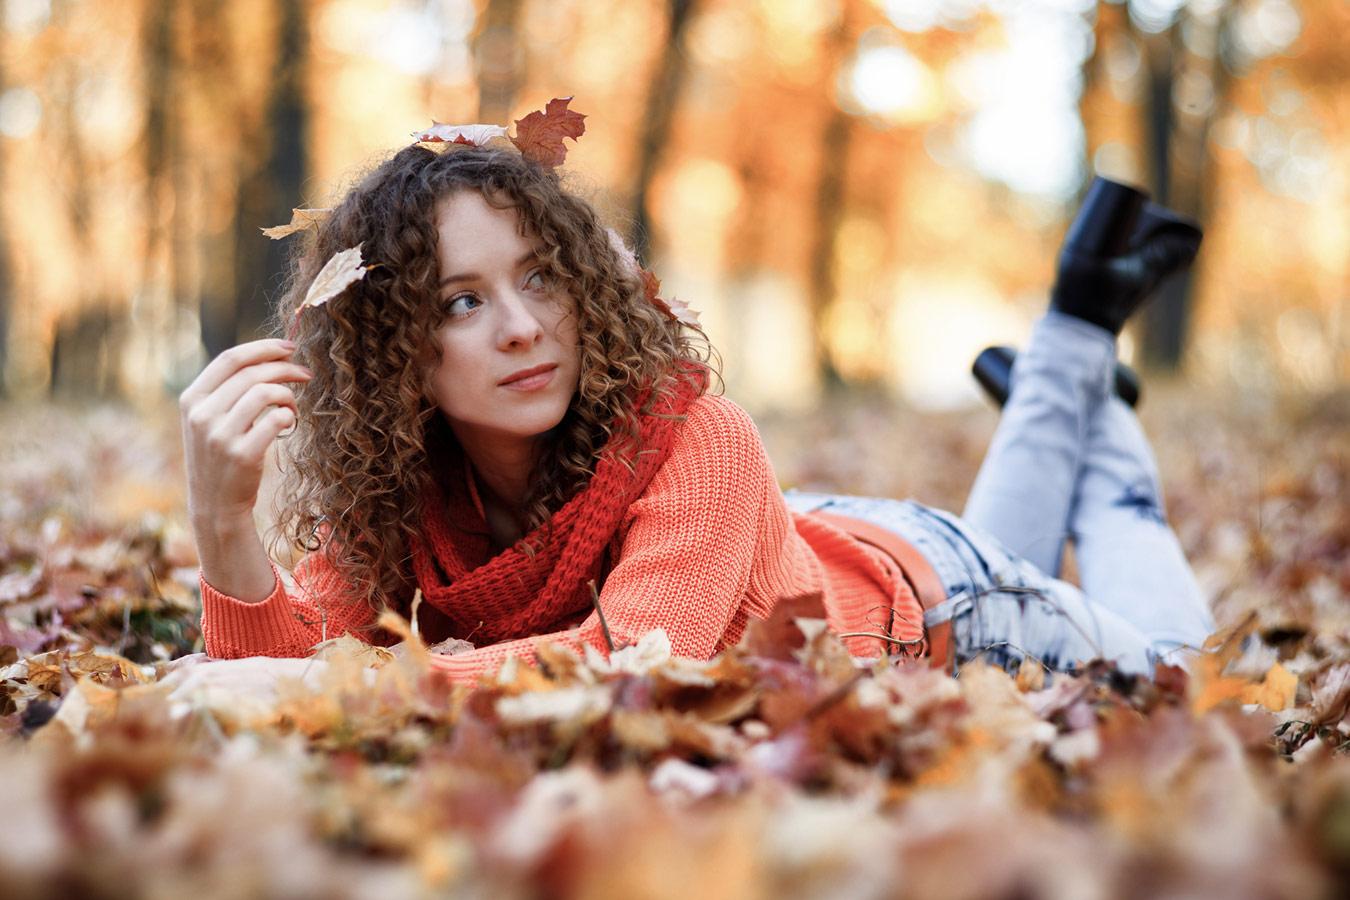 В осеннем парке городском..., © Дмитрий Давыдов, Фотоконкурс «Осенний портрет»